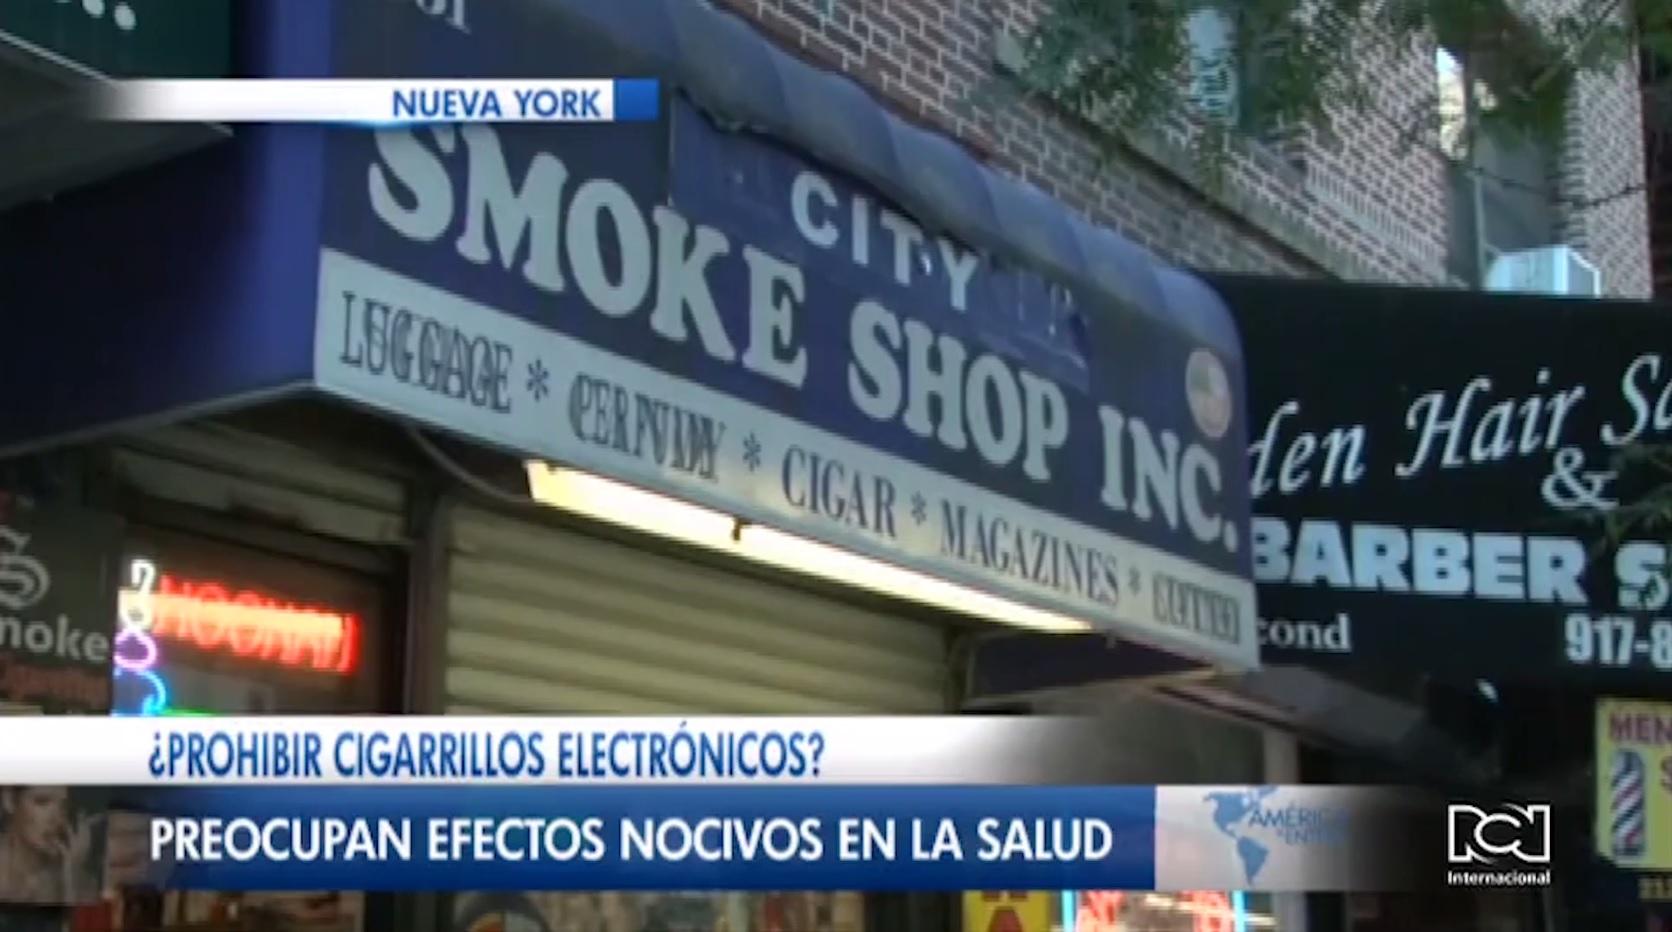 Nueva York da plazo a comerciantes para retirar los cigarrillos electrónicos del mercado